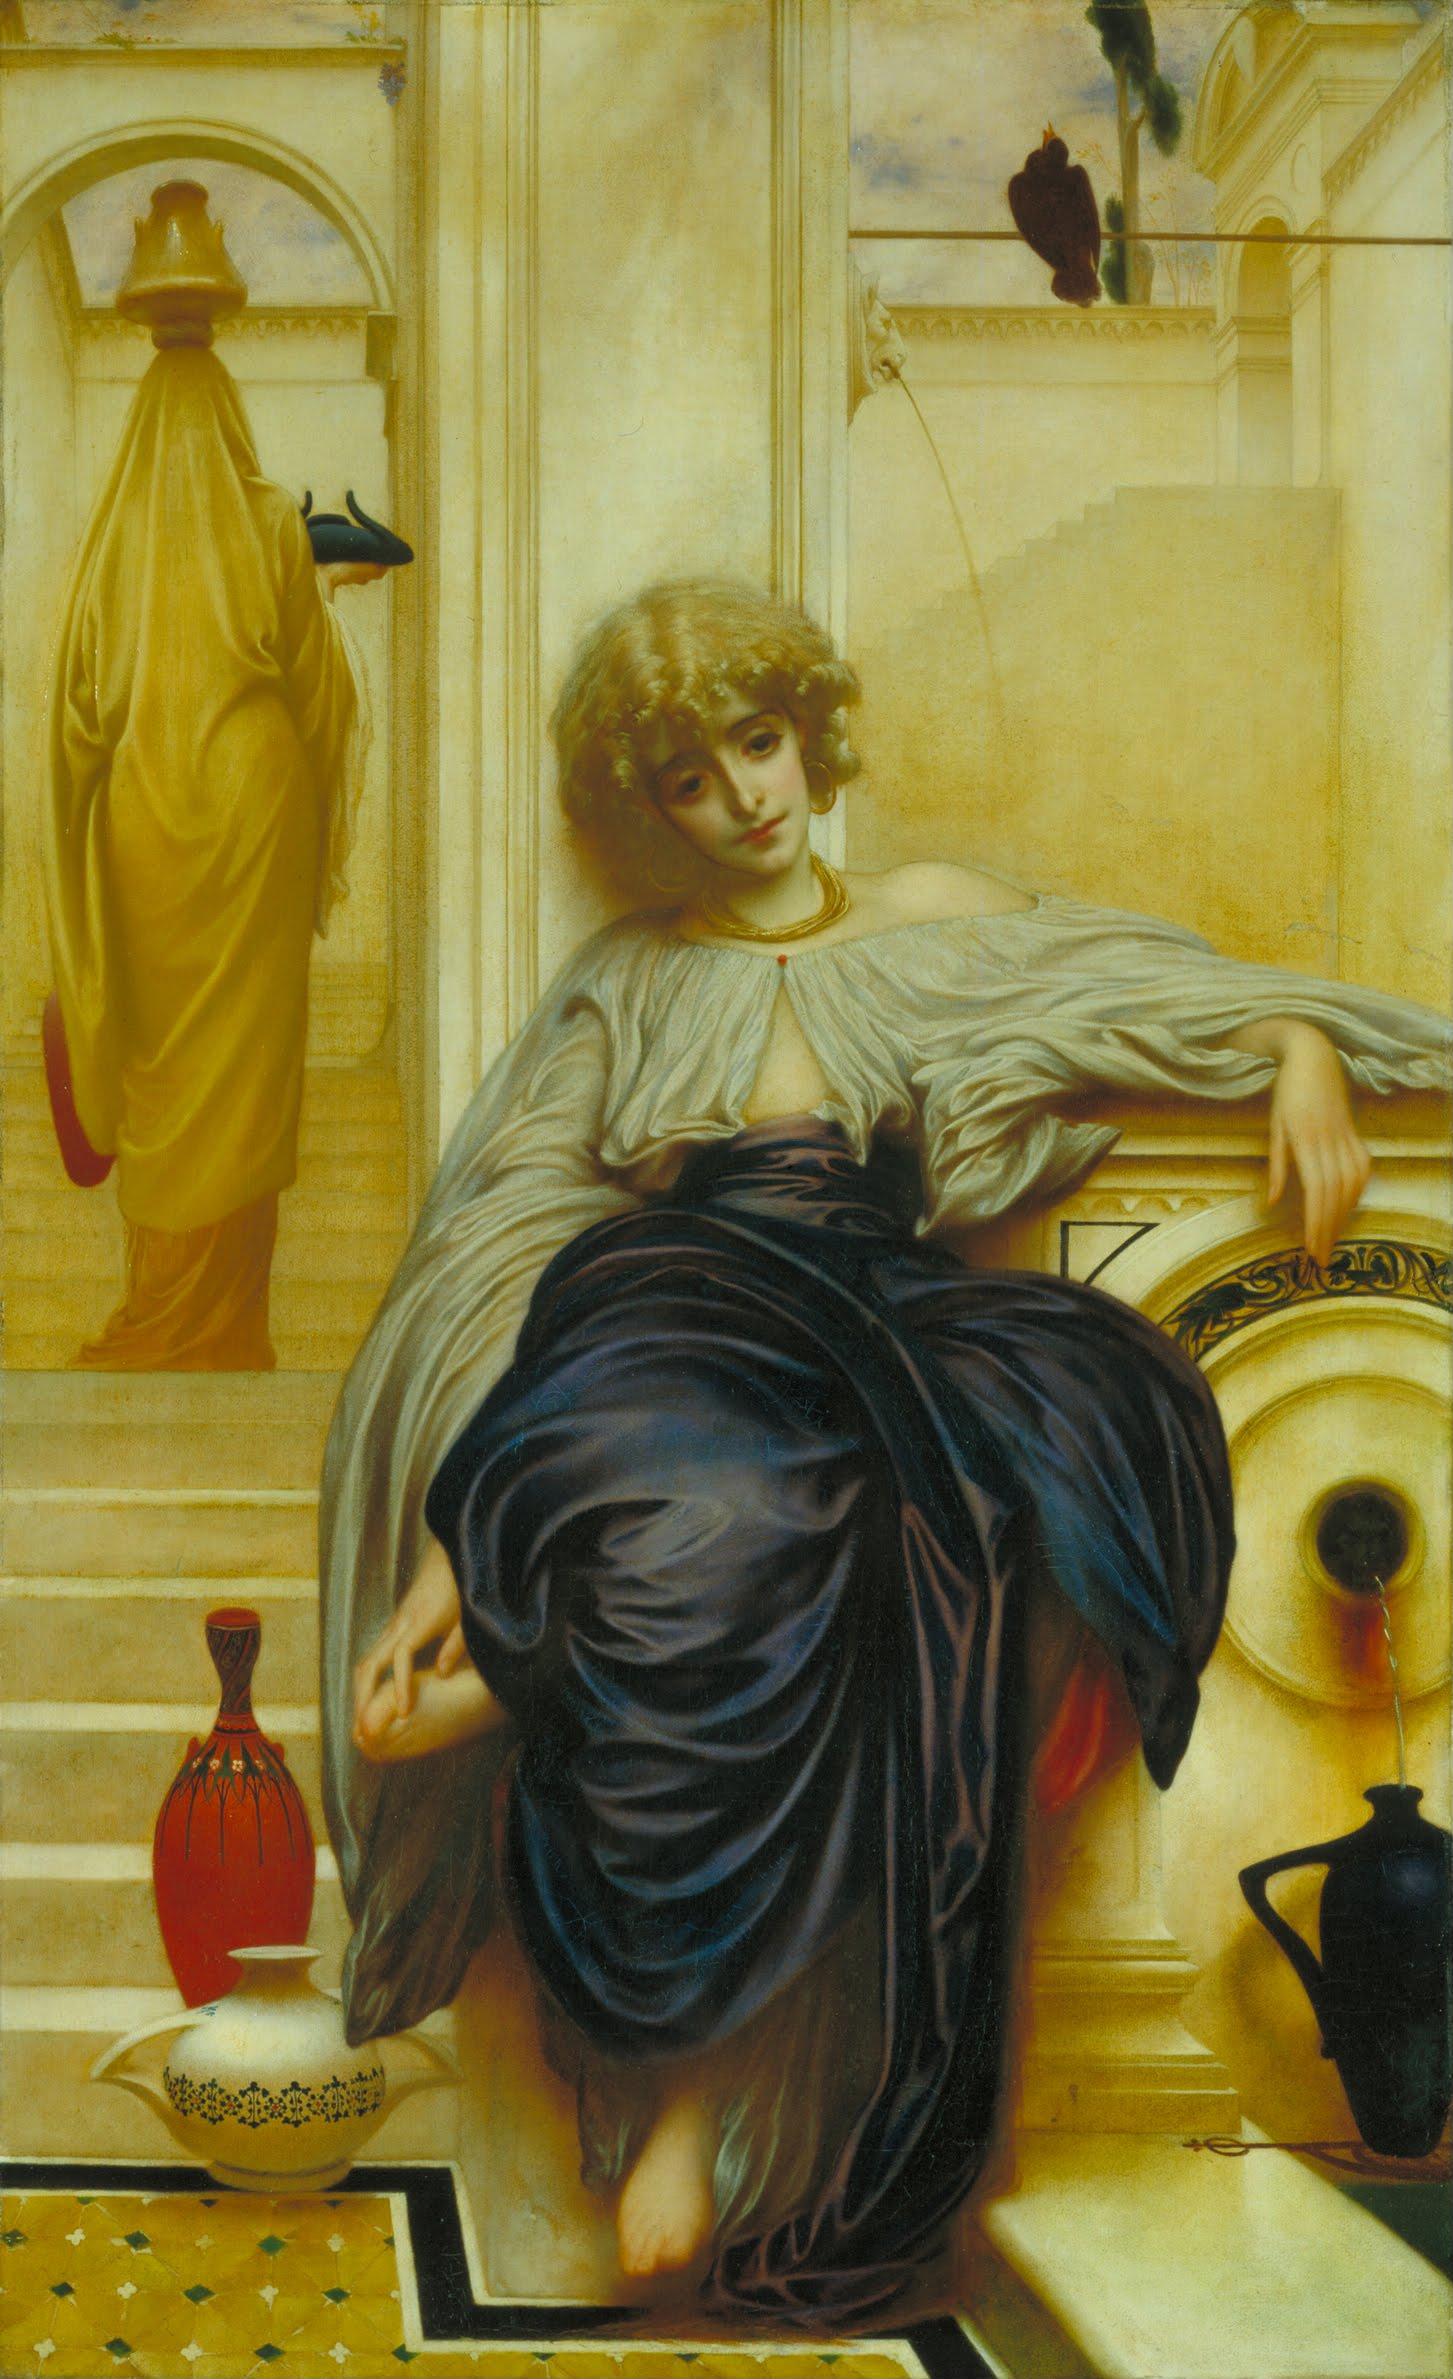 Gemälde von Frederic Leighton: Lieder ohne Worte (1859)